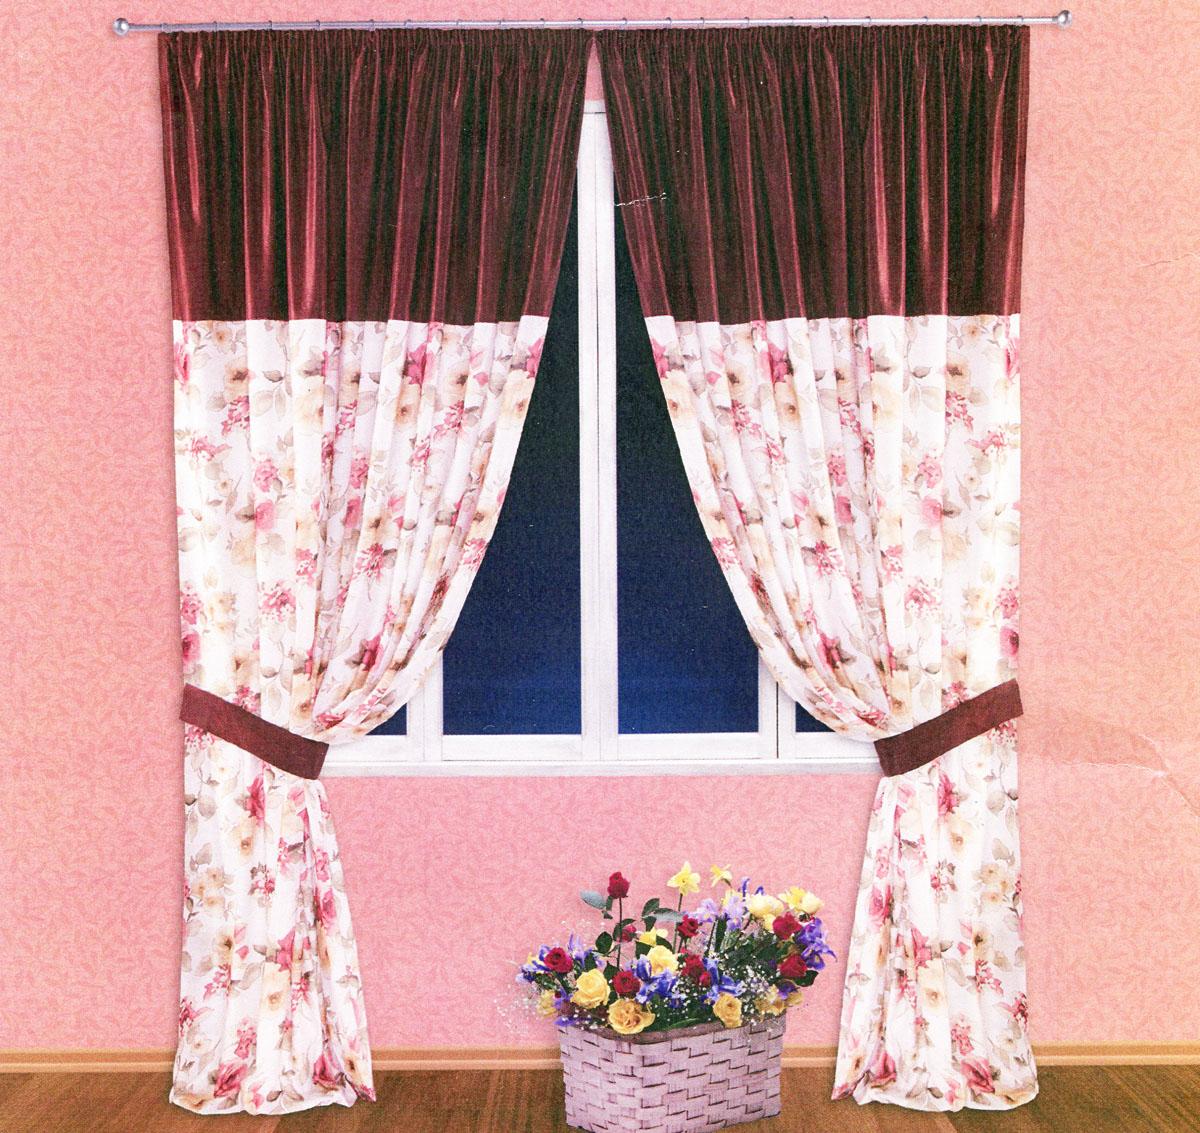 Комплект штор Zlata Korunka, на ленте, цвет: бордовый, высота 250 см. 55521219000/170Роскошный комплект тюлевых штор Zlata Korunka, выполненный из сатина (100% полиэстера), великолепно украсит любое окно. Комплект состоит из двух портьер и двух подхватов. Плотная ткань, цветочный принт и приятная, приглушенная гамма привлекут к себе внимание и органично впишутся в интерьер помещения. Комплект крепится на карниз при помощи шторной ленты, которая поможет красиво и равномерно задрапировать верх. Портьеры можно зафиксировать в одном положении с помощью двух подхватов. Этот комплект будет долгое время радовать вас и вашу семью! В комплект входит: Портьера: 2 шт. Размер (ШхВ): 200 см х 250 см. Подхват: 2 шт. Размер (ШхВ): 60 см х 10 см.